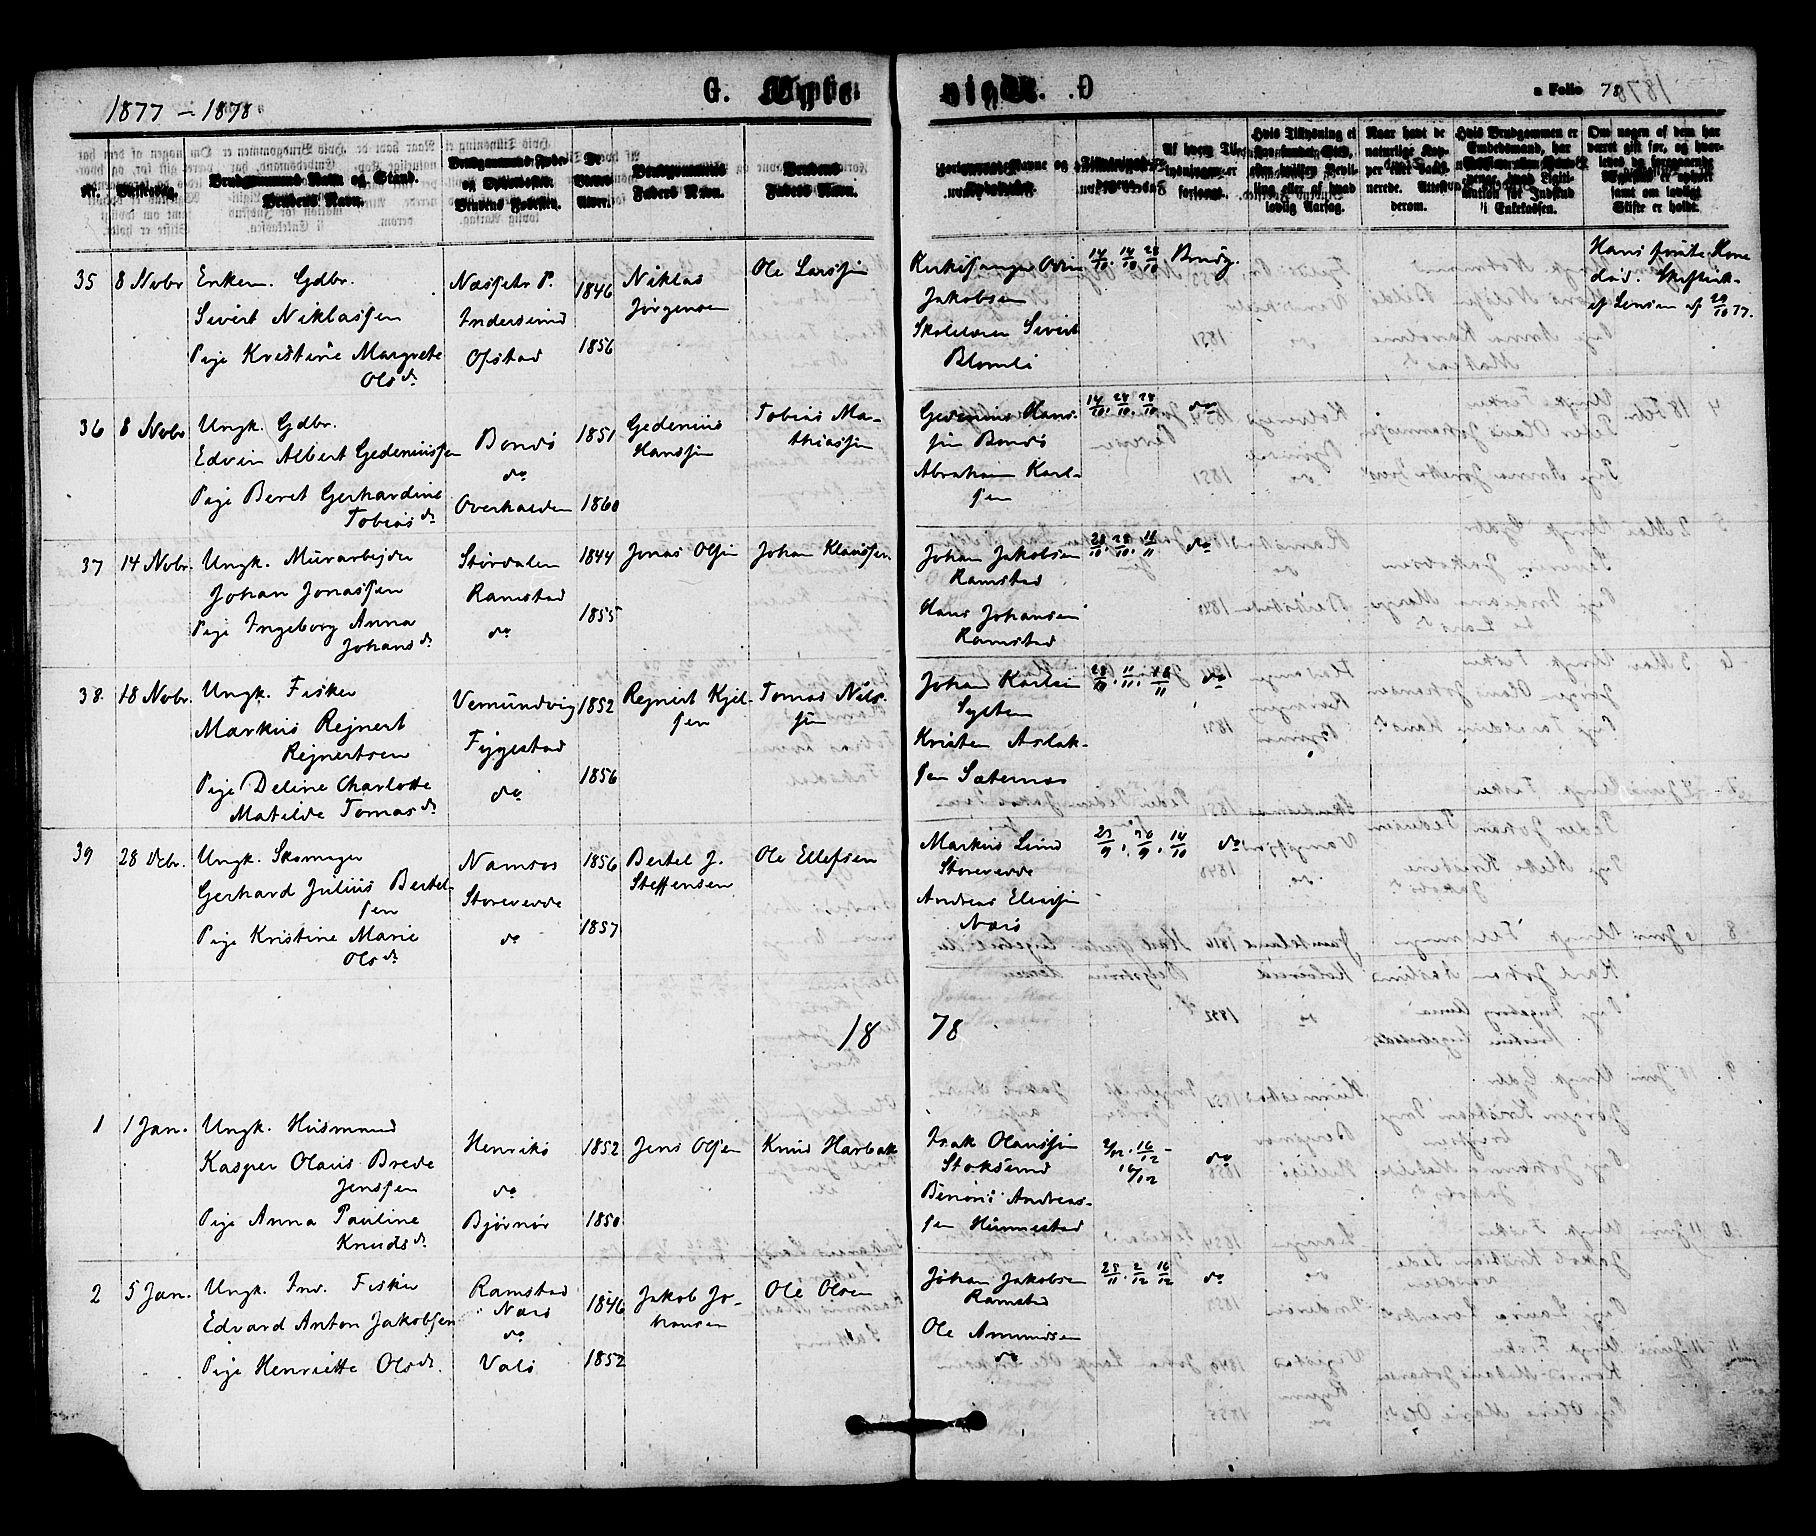 SAT, Ministerialprotokoller, klokkerbøker og fødselsregistre - Nord-Trøndelag, 784/L0671: Ministerialbok nr. 784A06, 1876-1879, s. 78